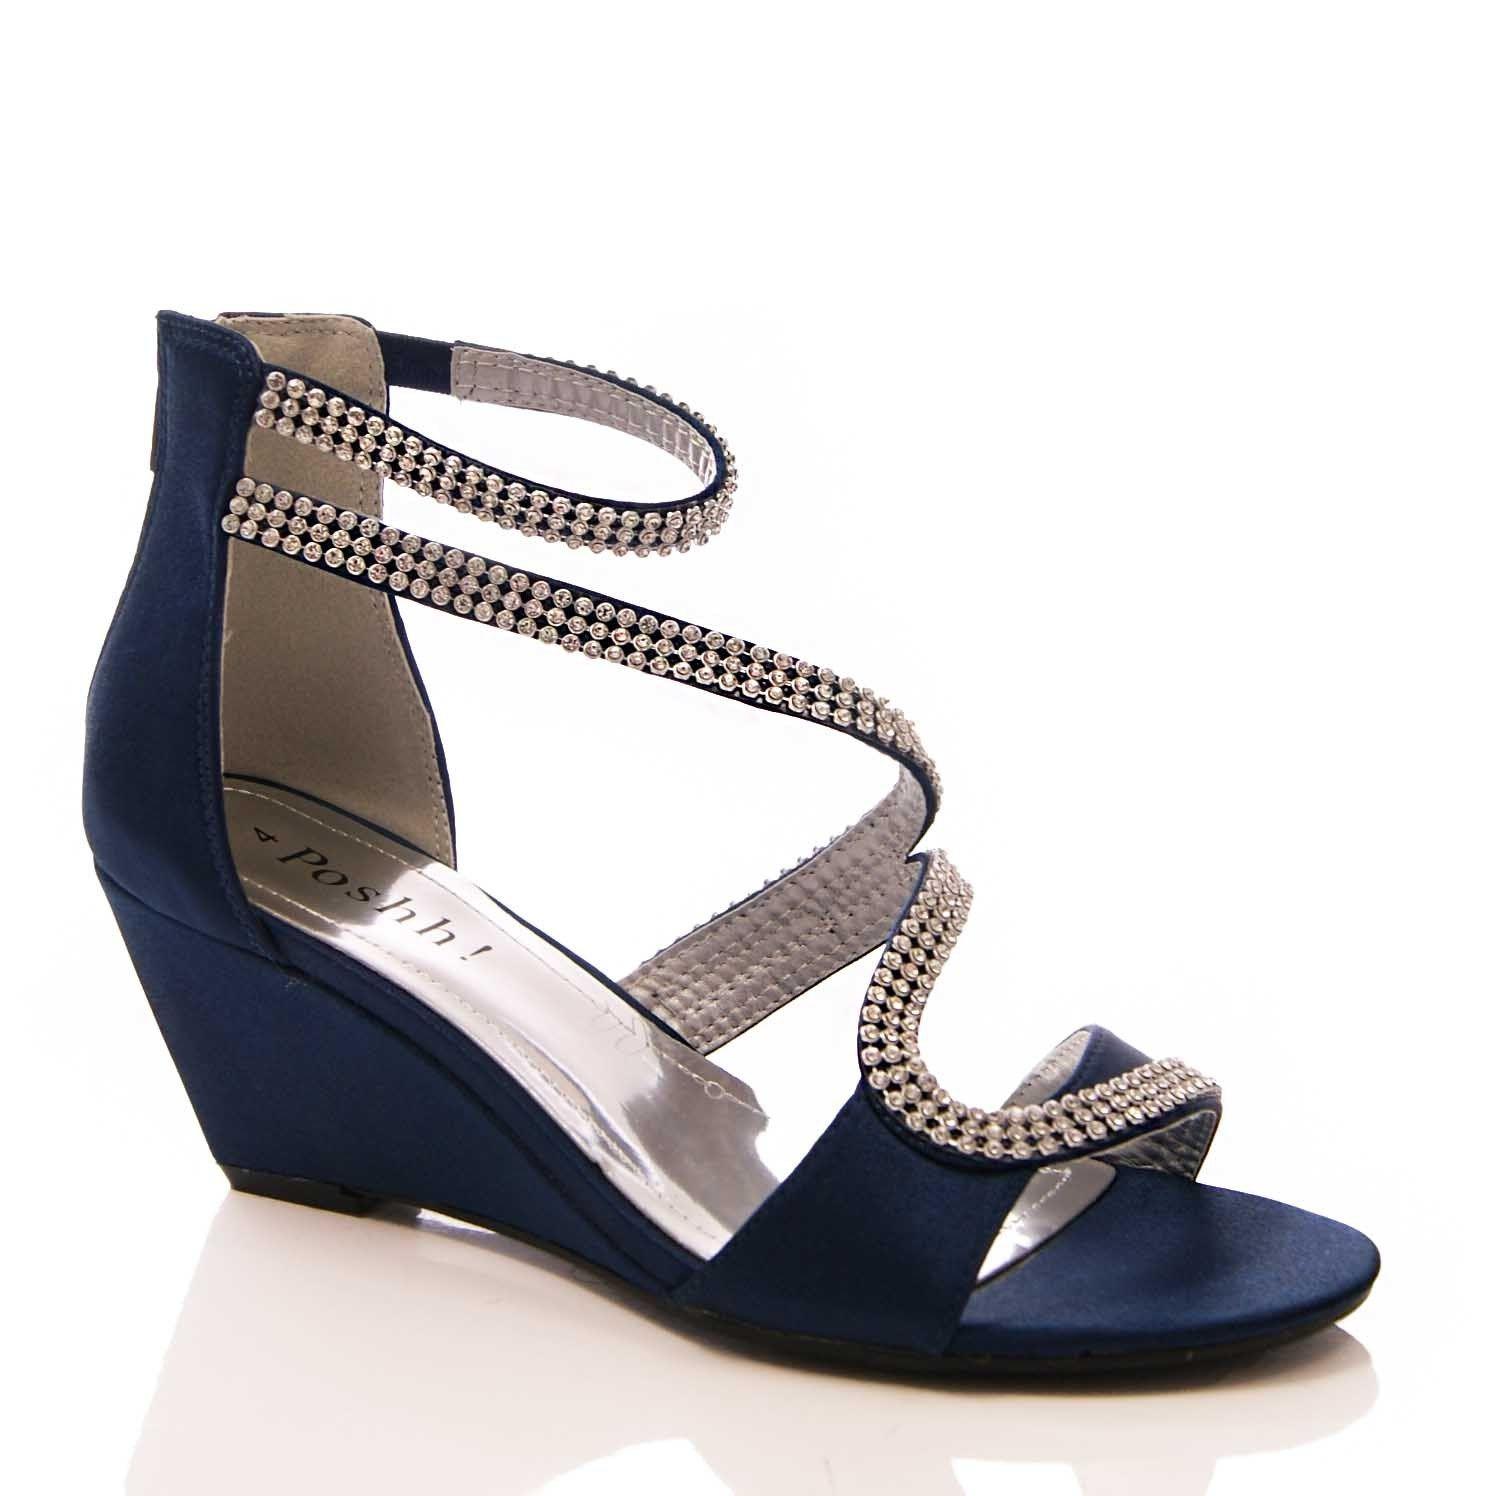 Tmavě modré společenské sandálky, 36-41 - Obrázek č. 1